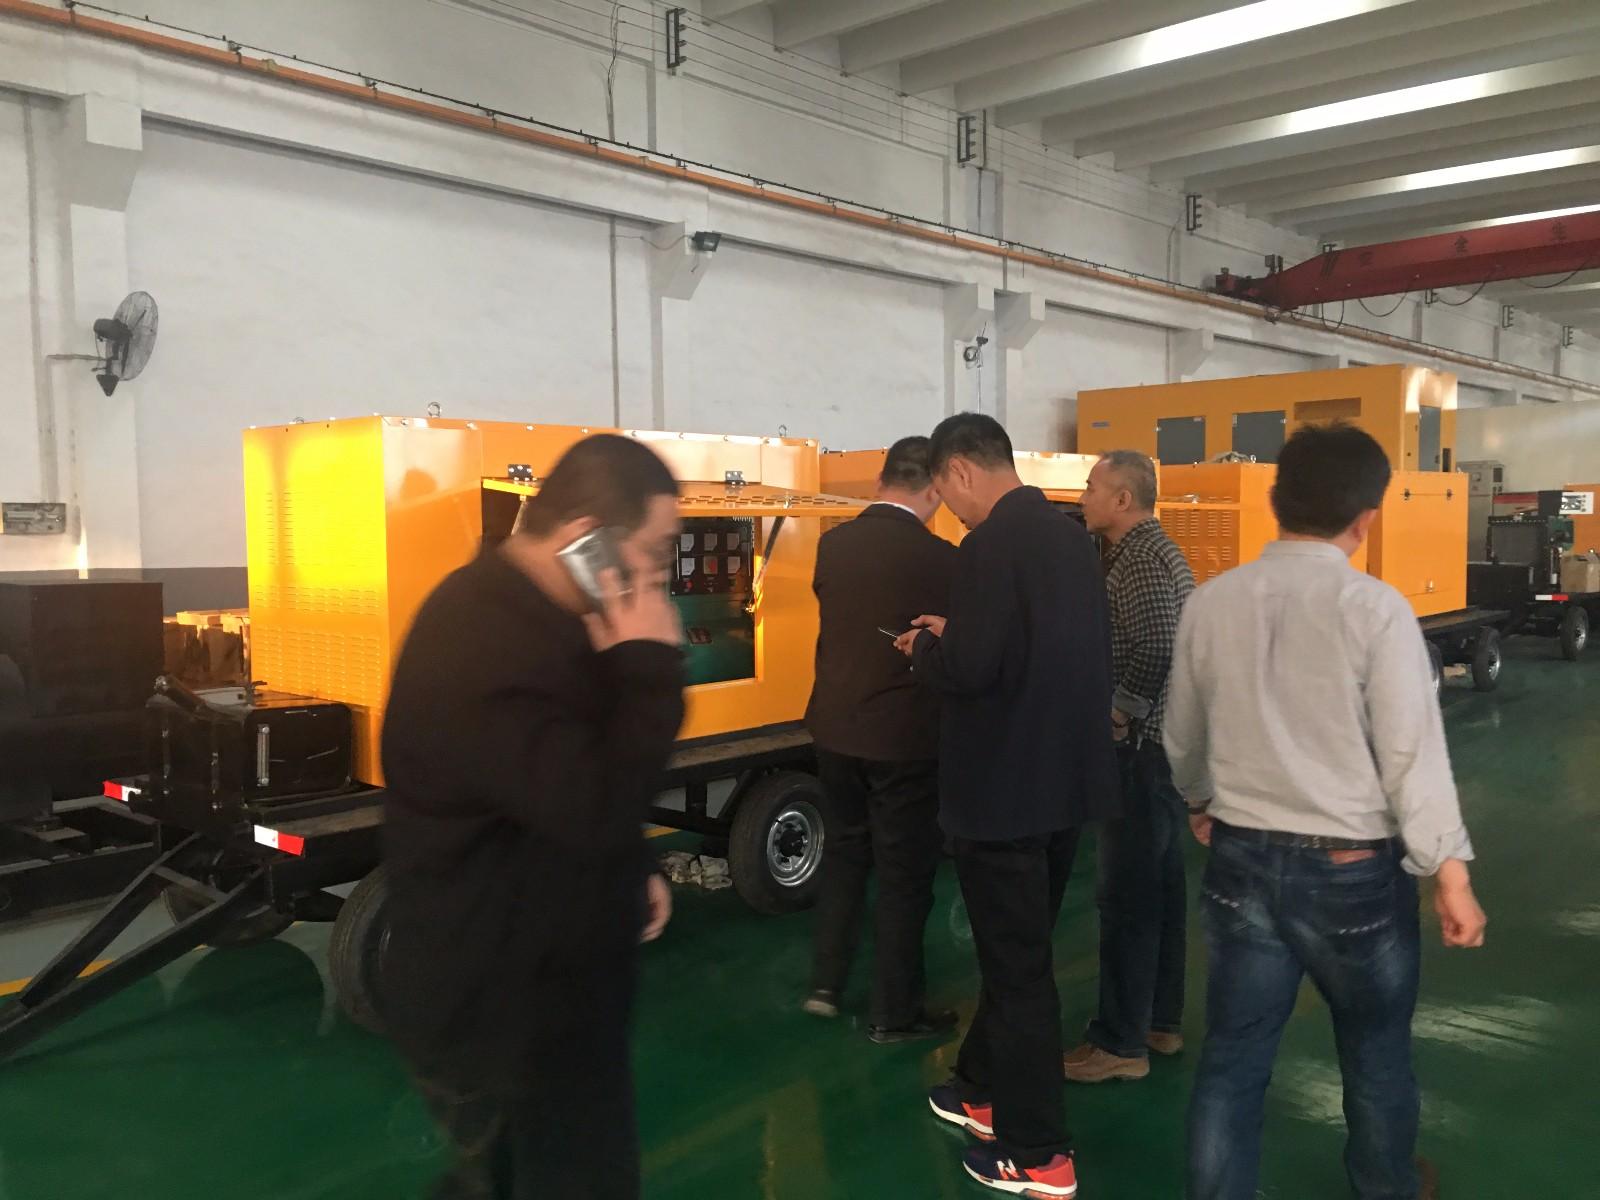 潍坊豪德发电机组厂家发货图片哪里有,得来奔马动力看看|公司新闻-潍坊奔马动力设备有限公司